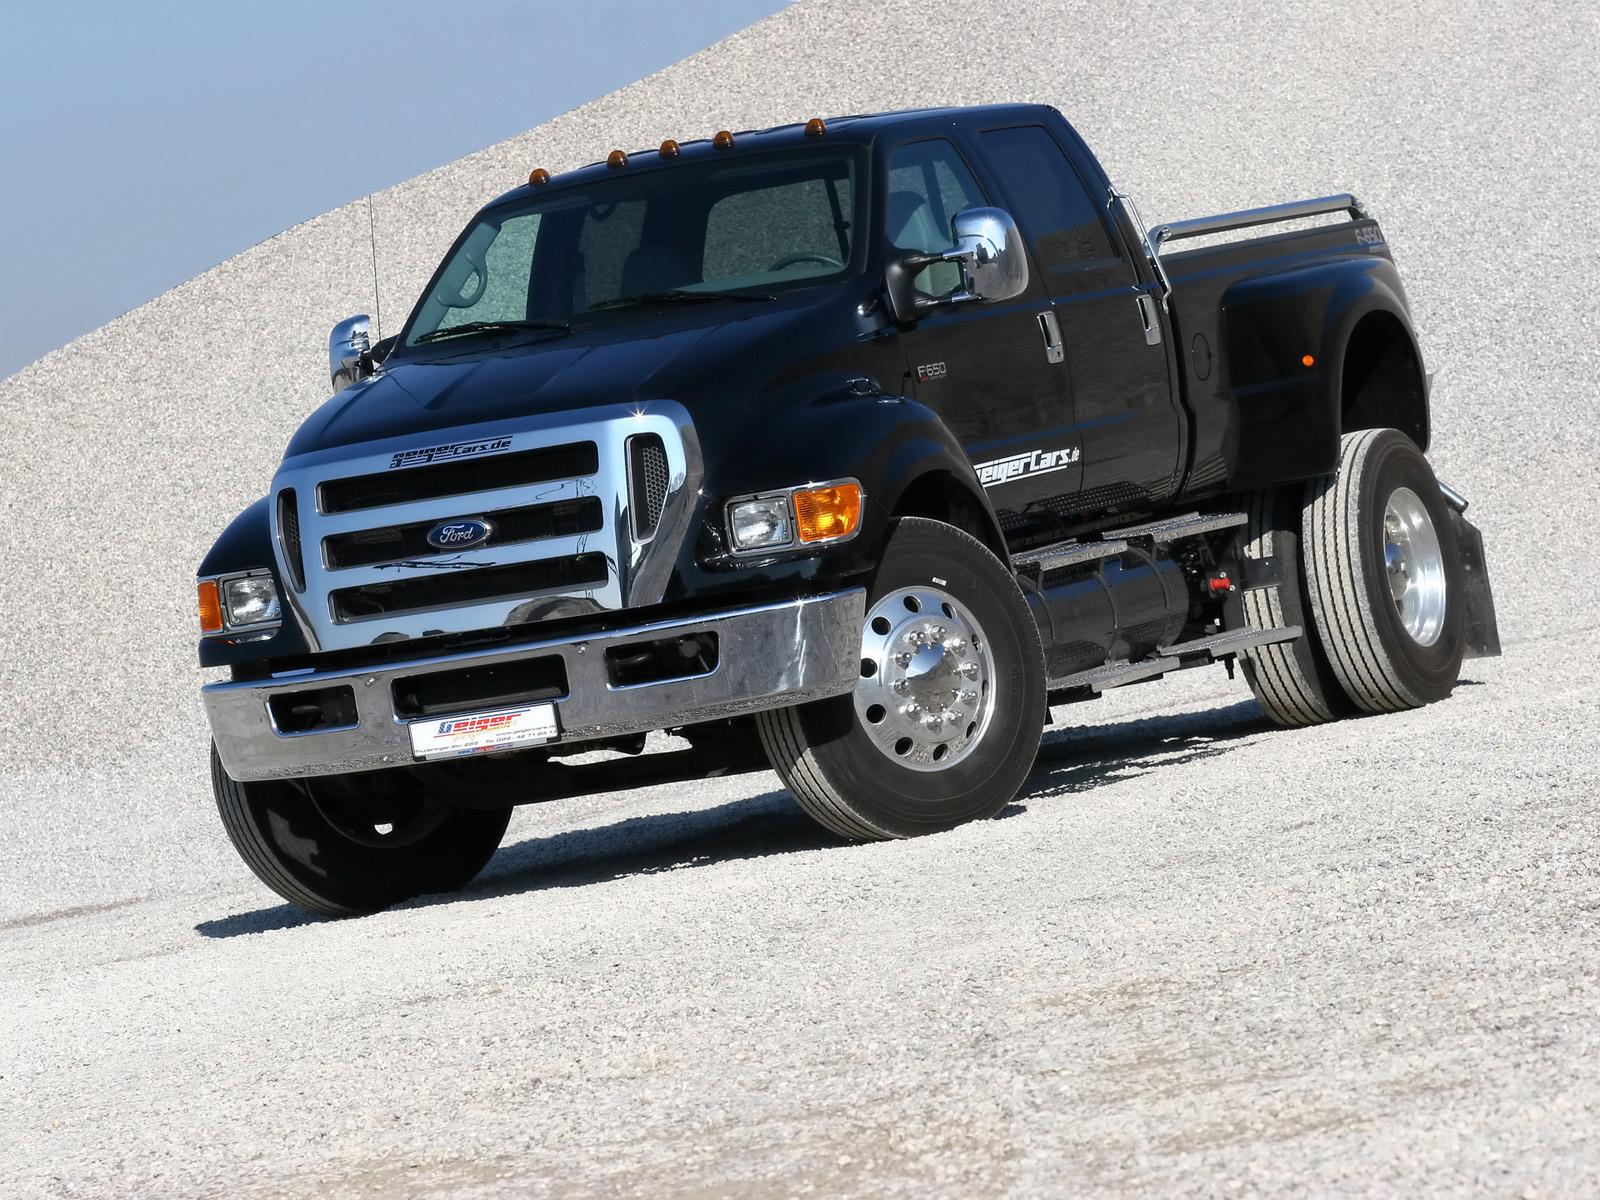 Внедорожники джипы Форд: модельный ряд и цены, фото все ...